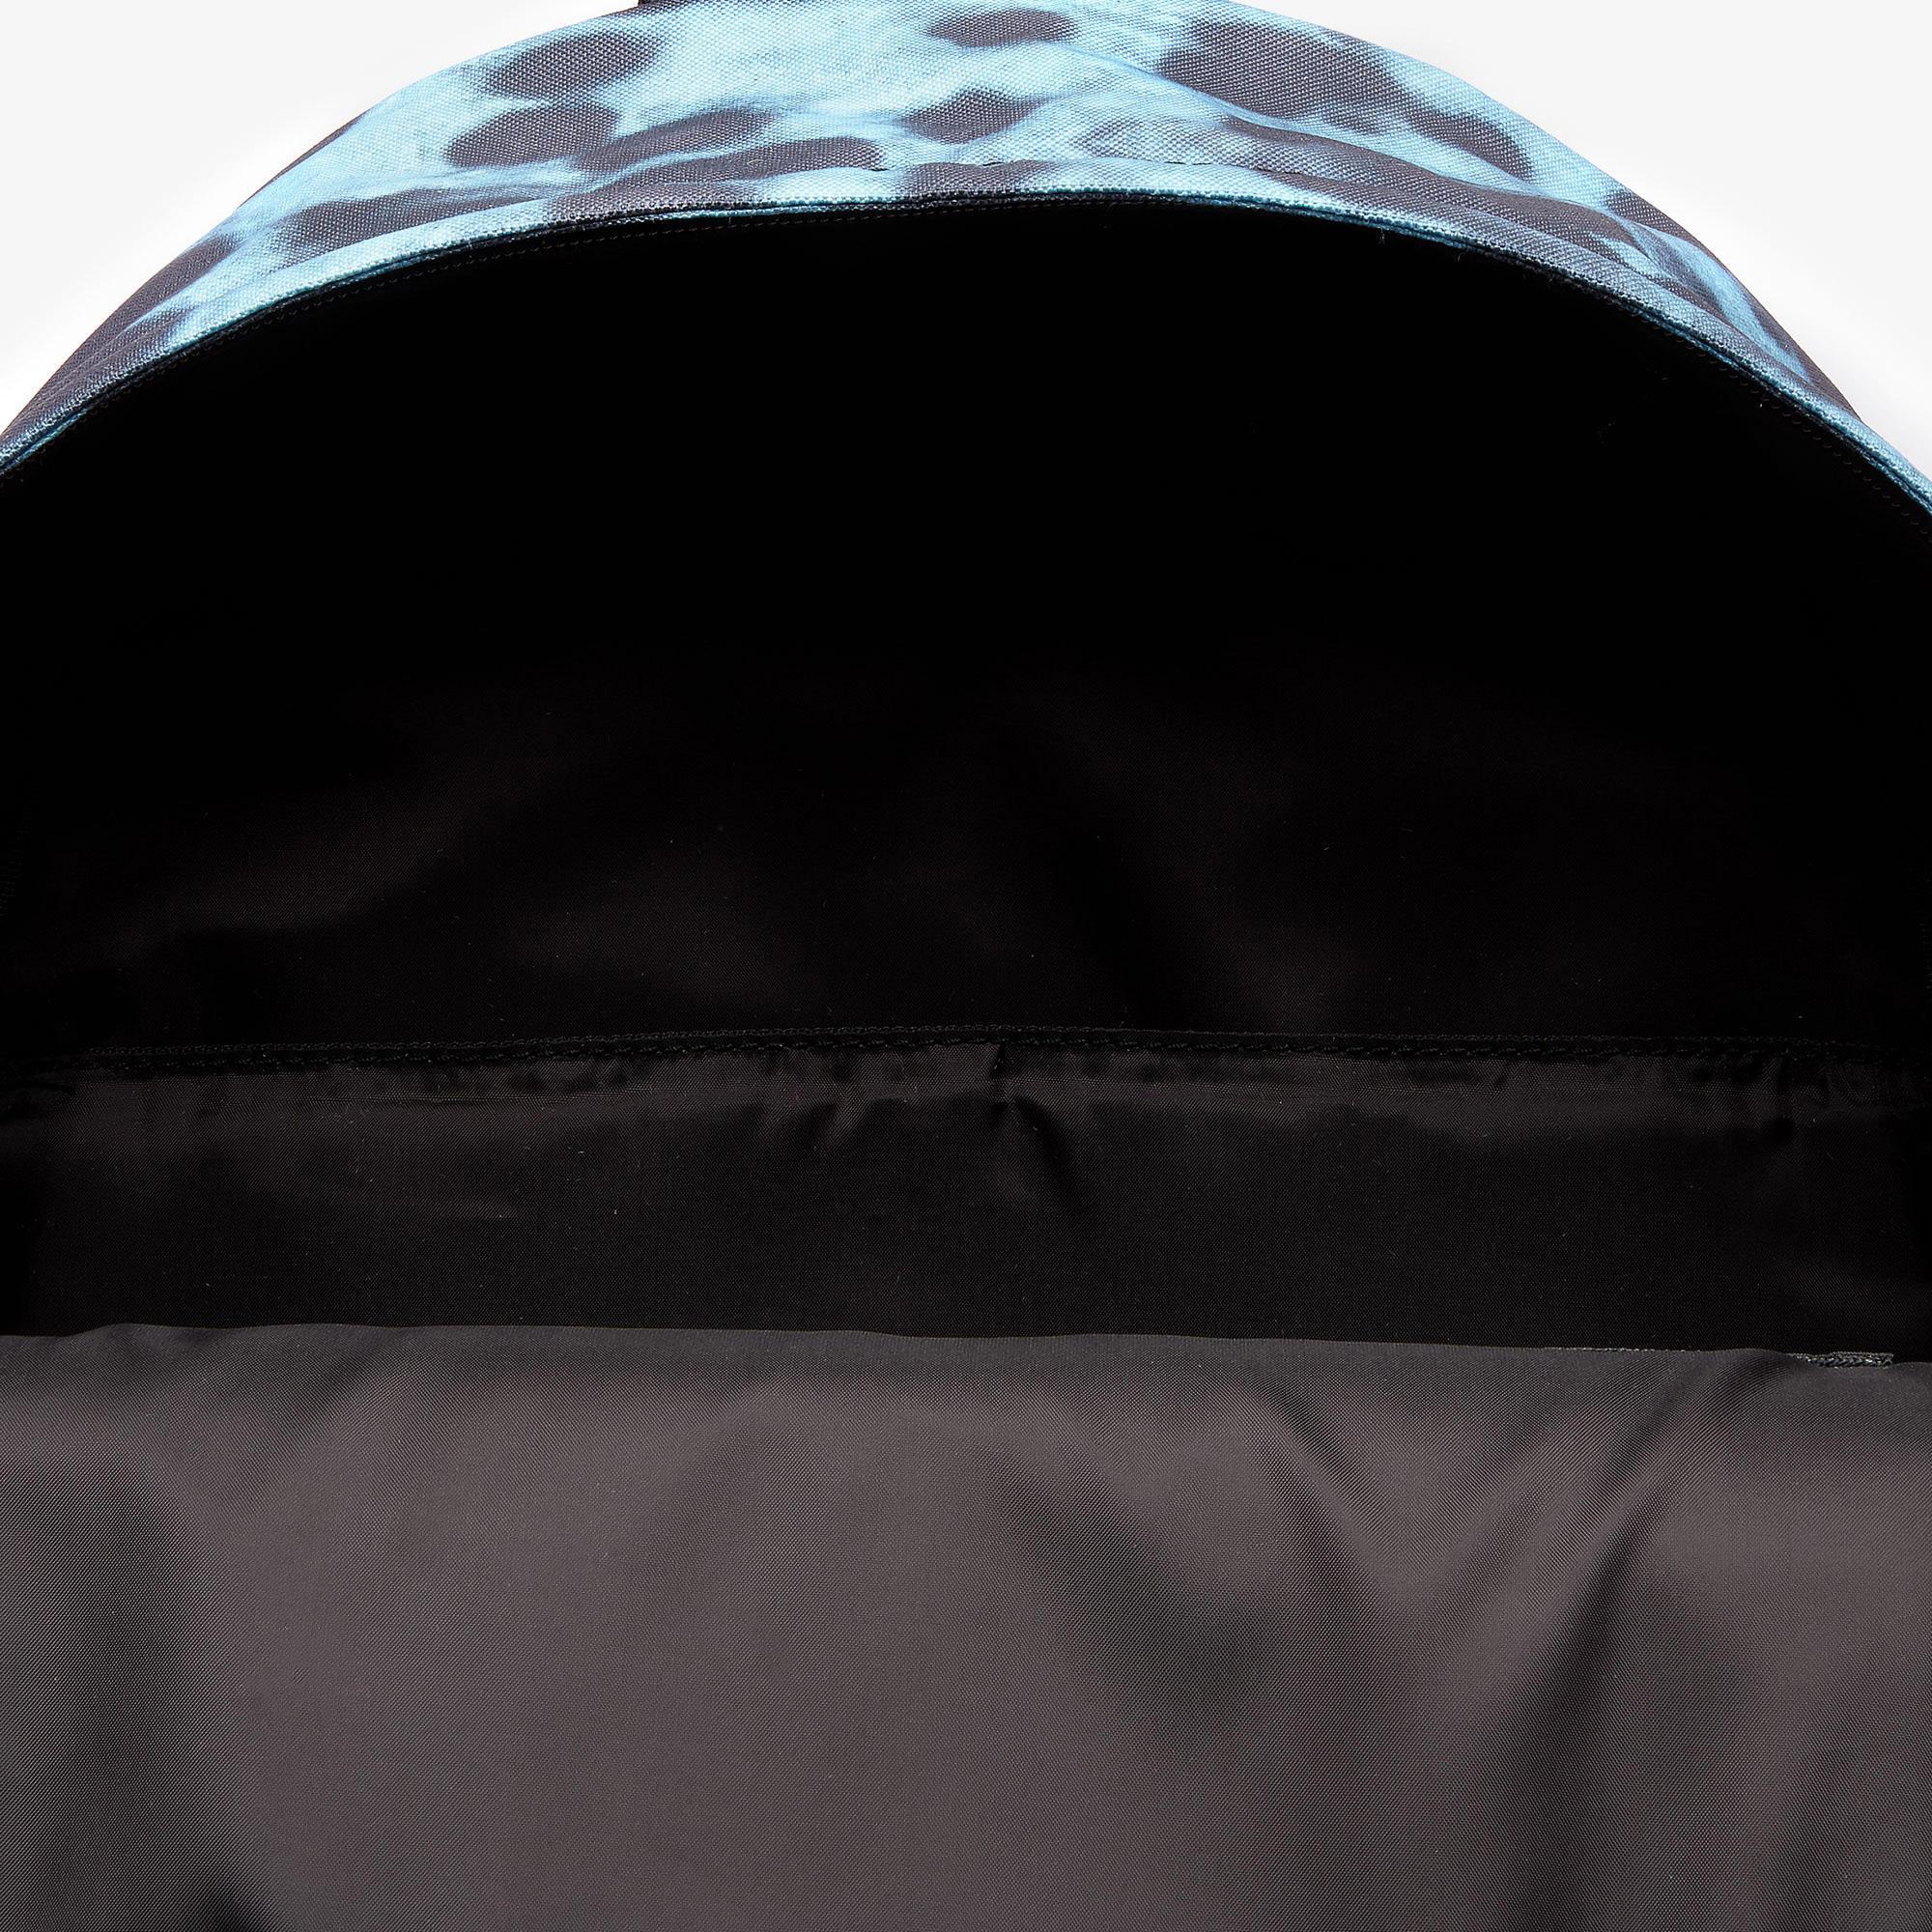 Lacoste x National Geographic Erkek Mavi Sırt Çantası